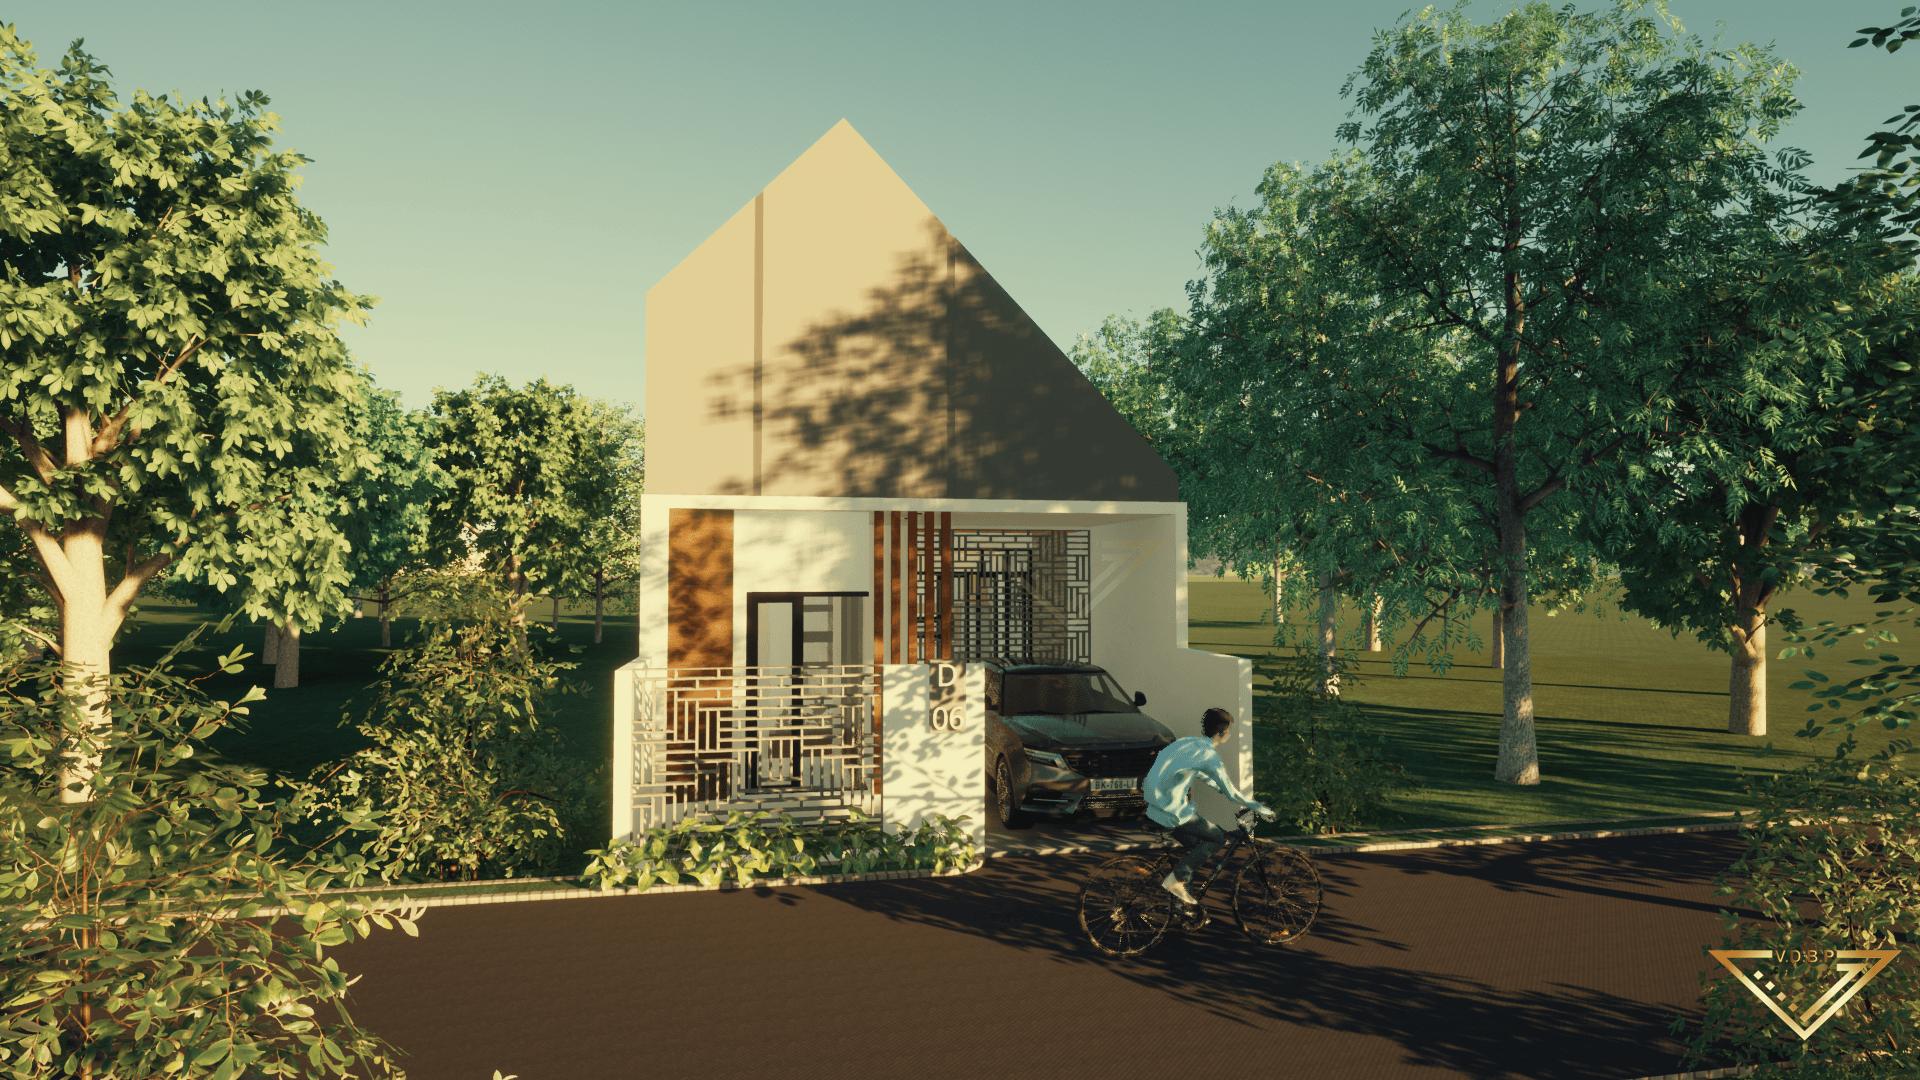 Jasa Arsitek Visual Desain  di Jombang